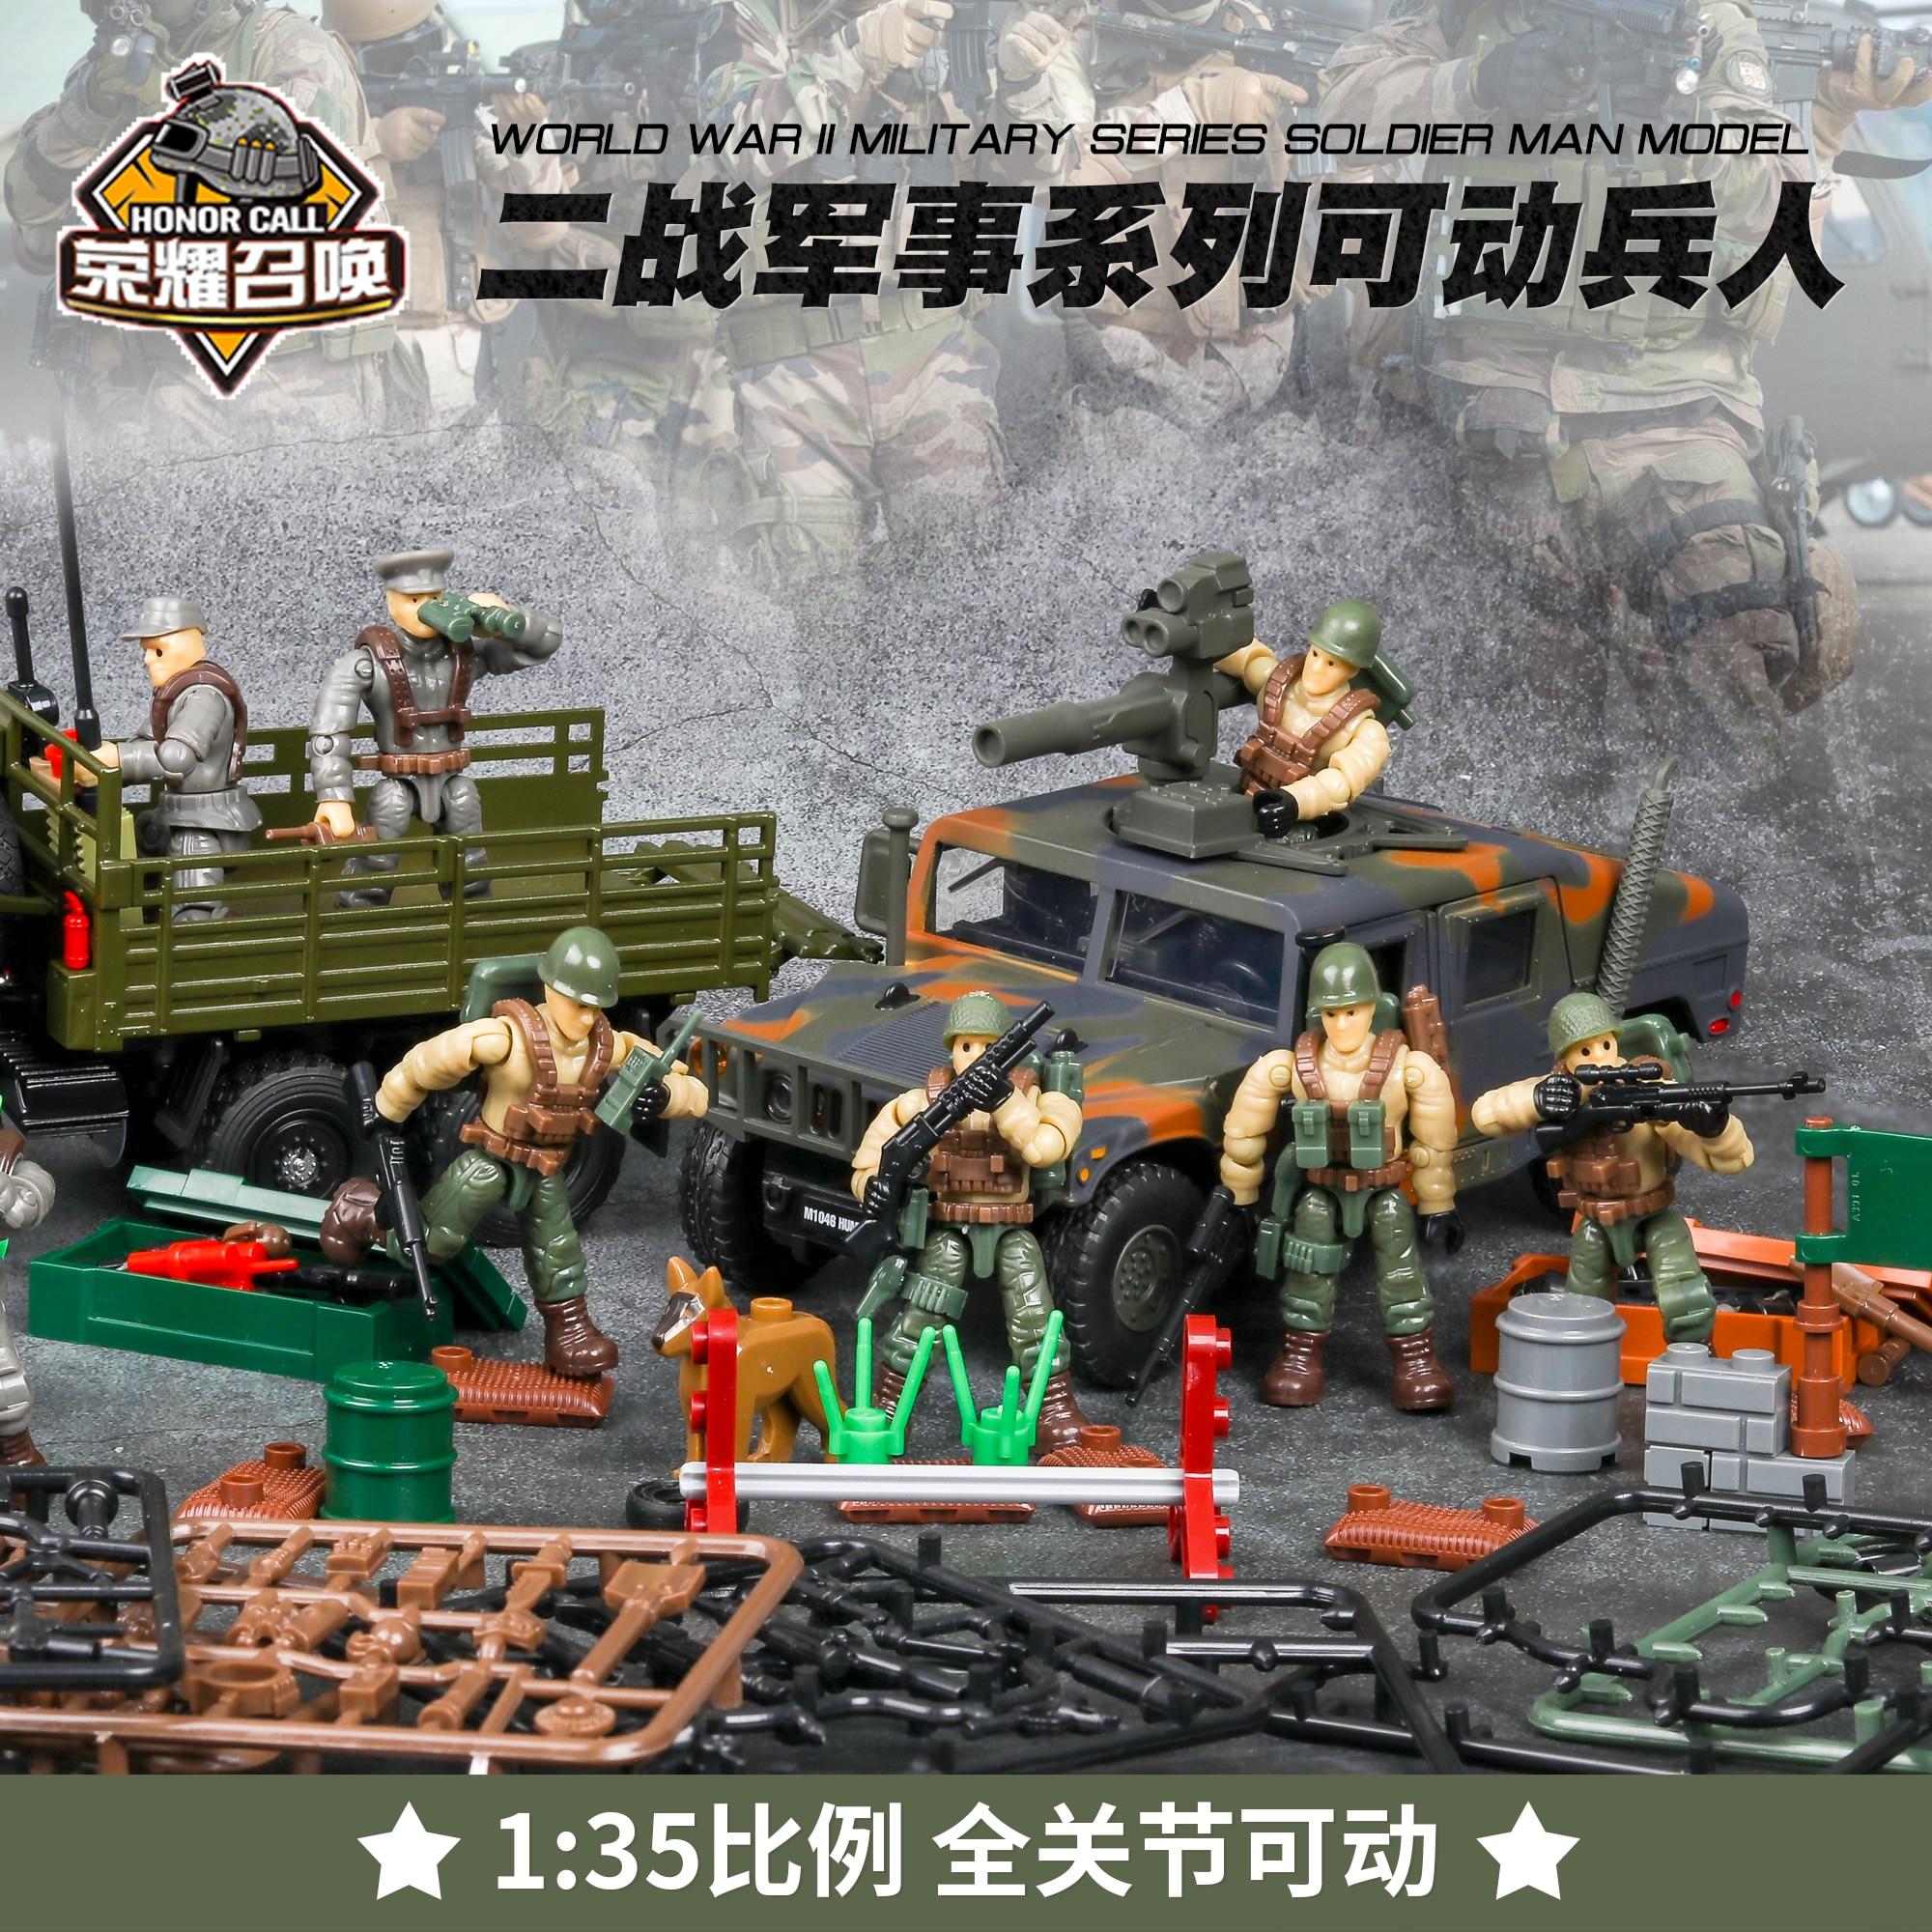 Мини блоки моделирования 1: 35 Второй мировой войны Военный сплав модель автомобиля сцена с соответствующие строительные блоки Бесплатная д...